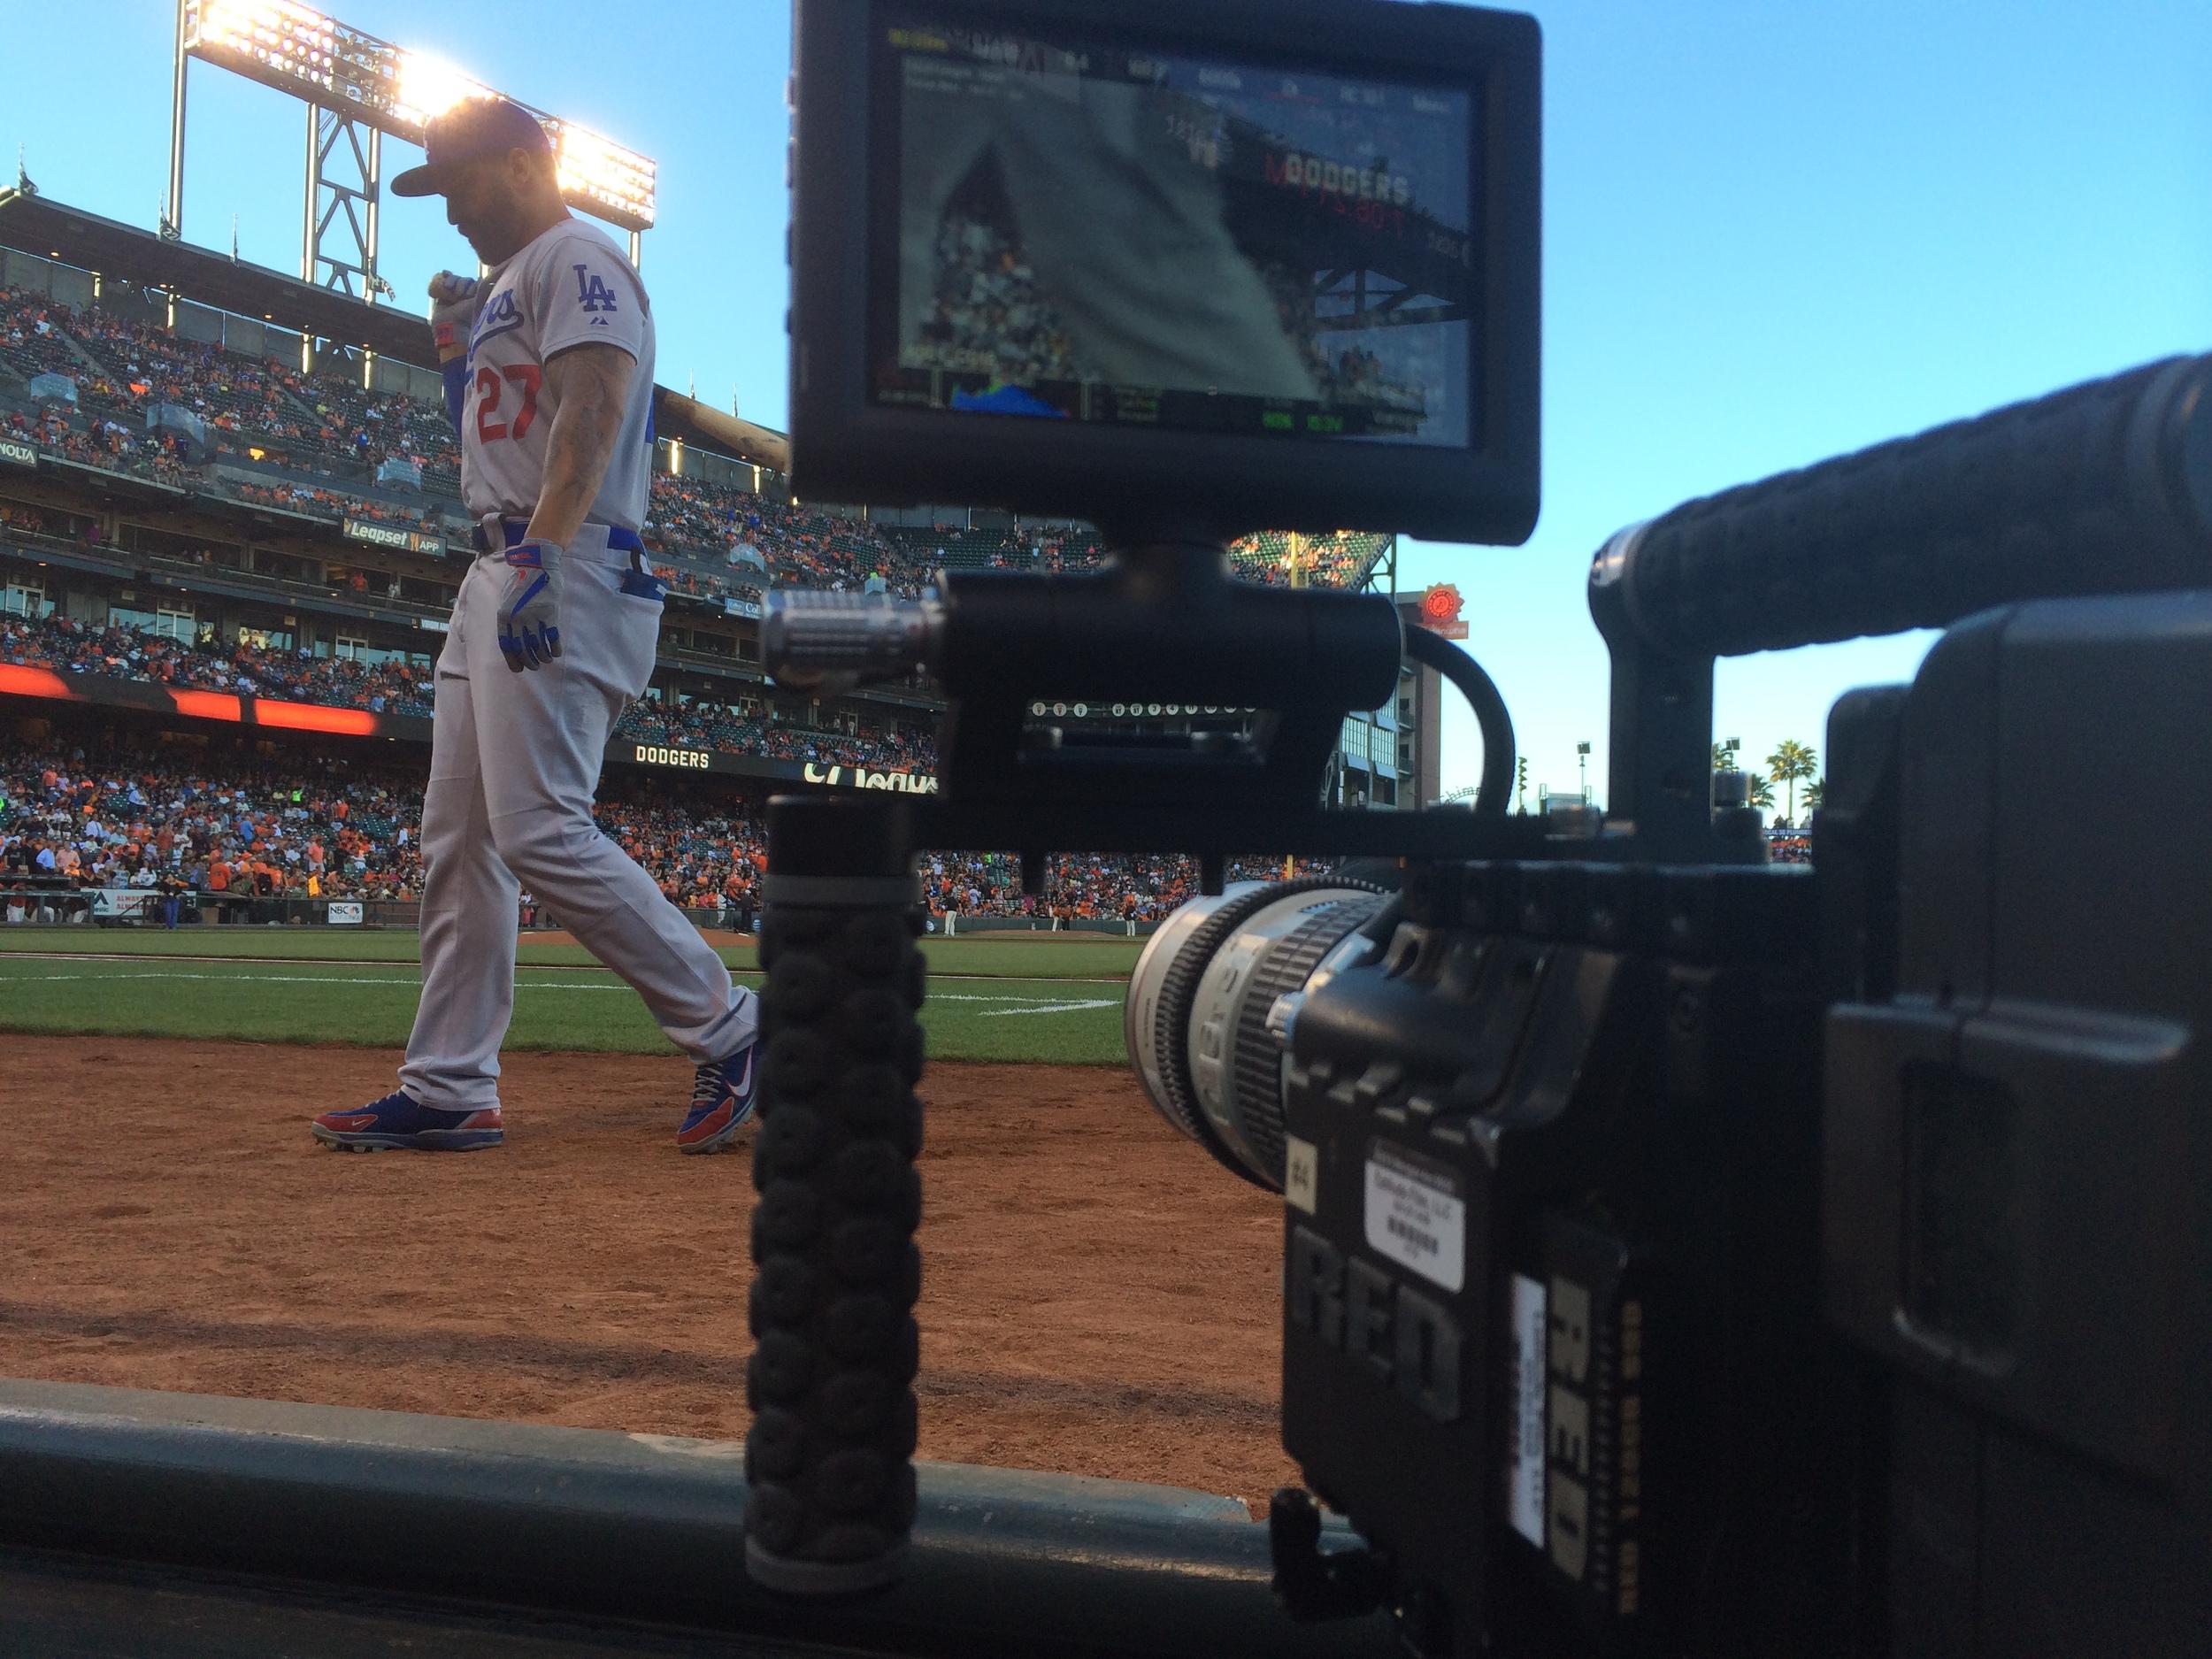 BackStage Dodgers for Time Warner